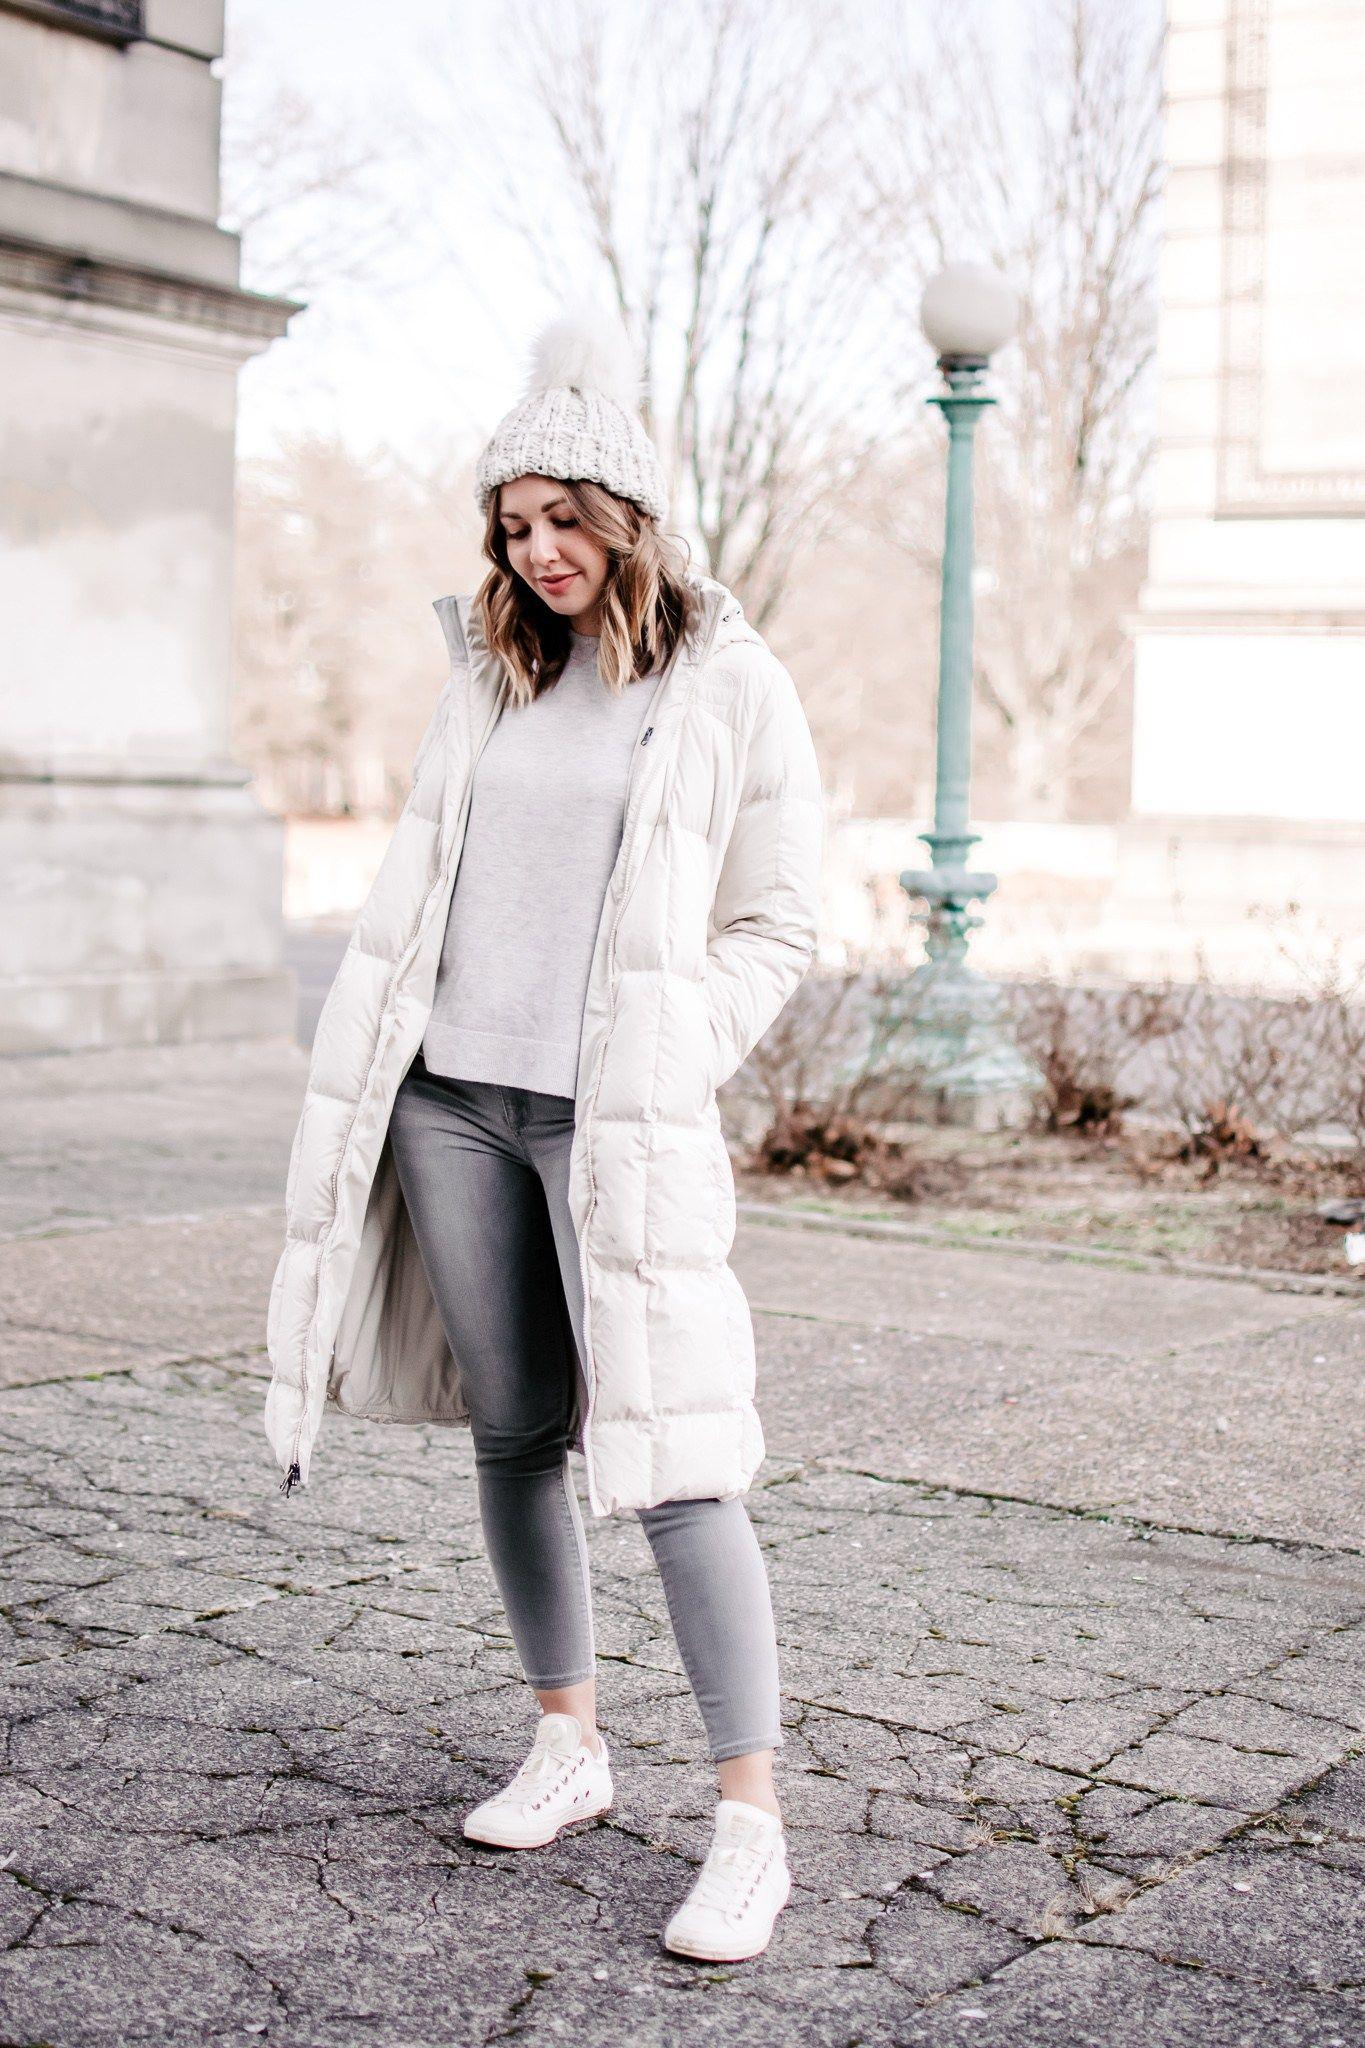 white converse in winter